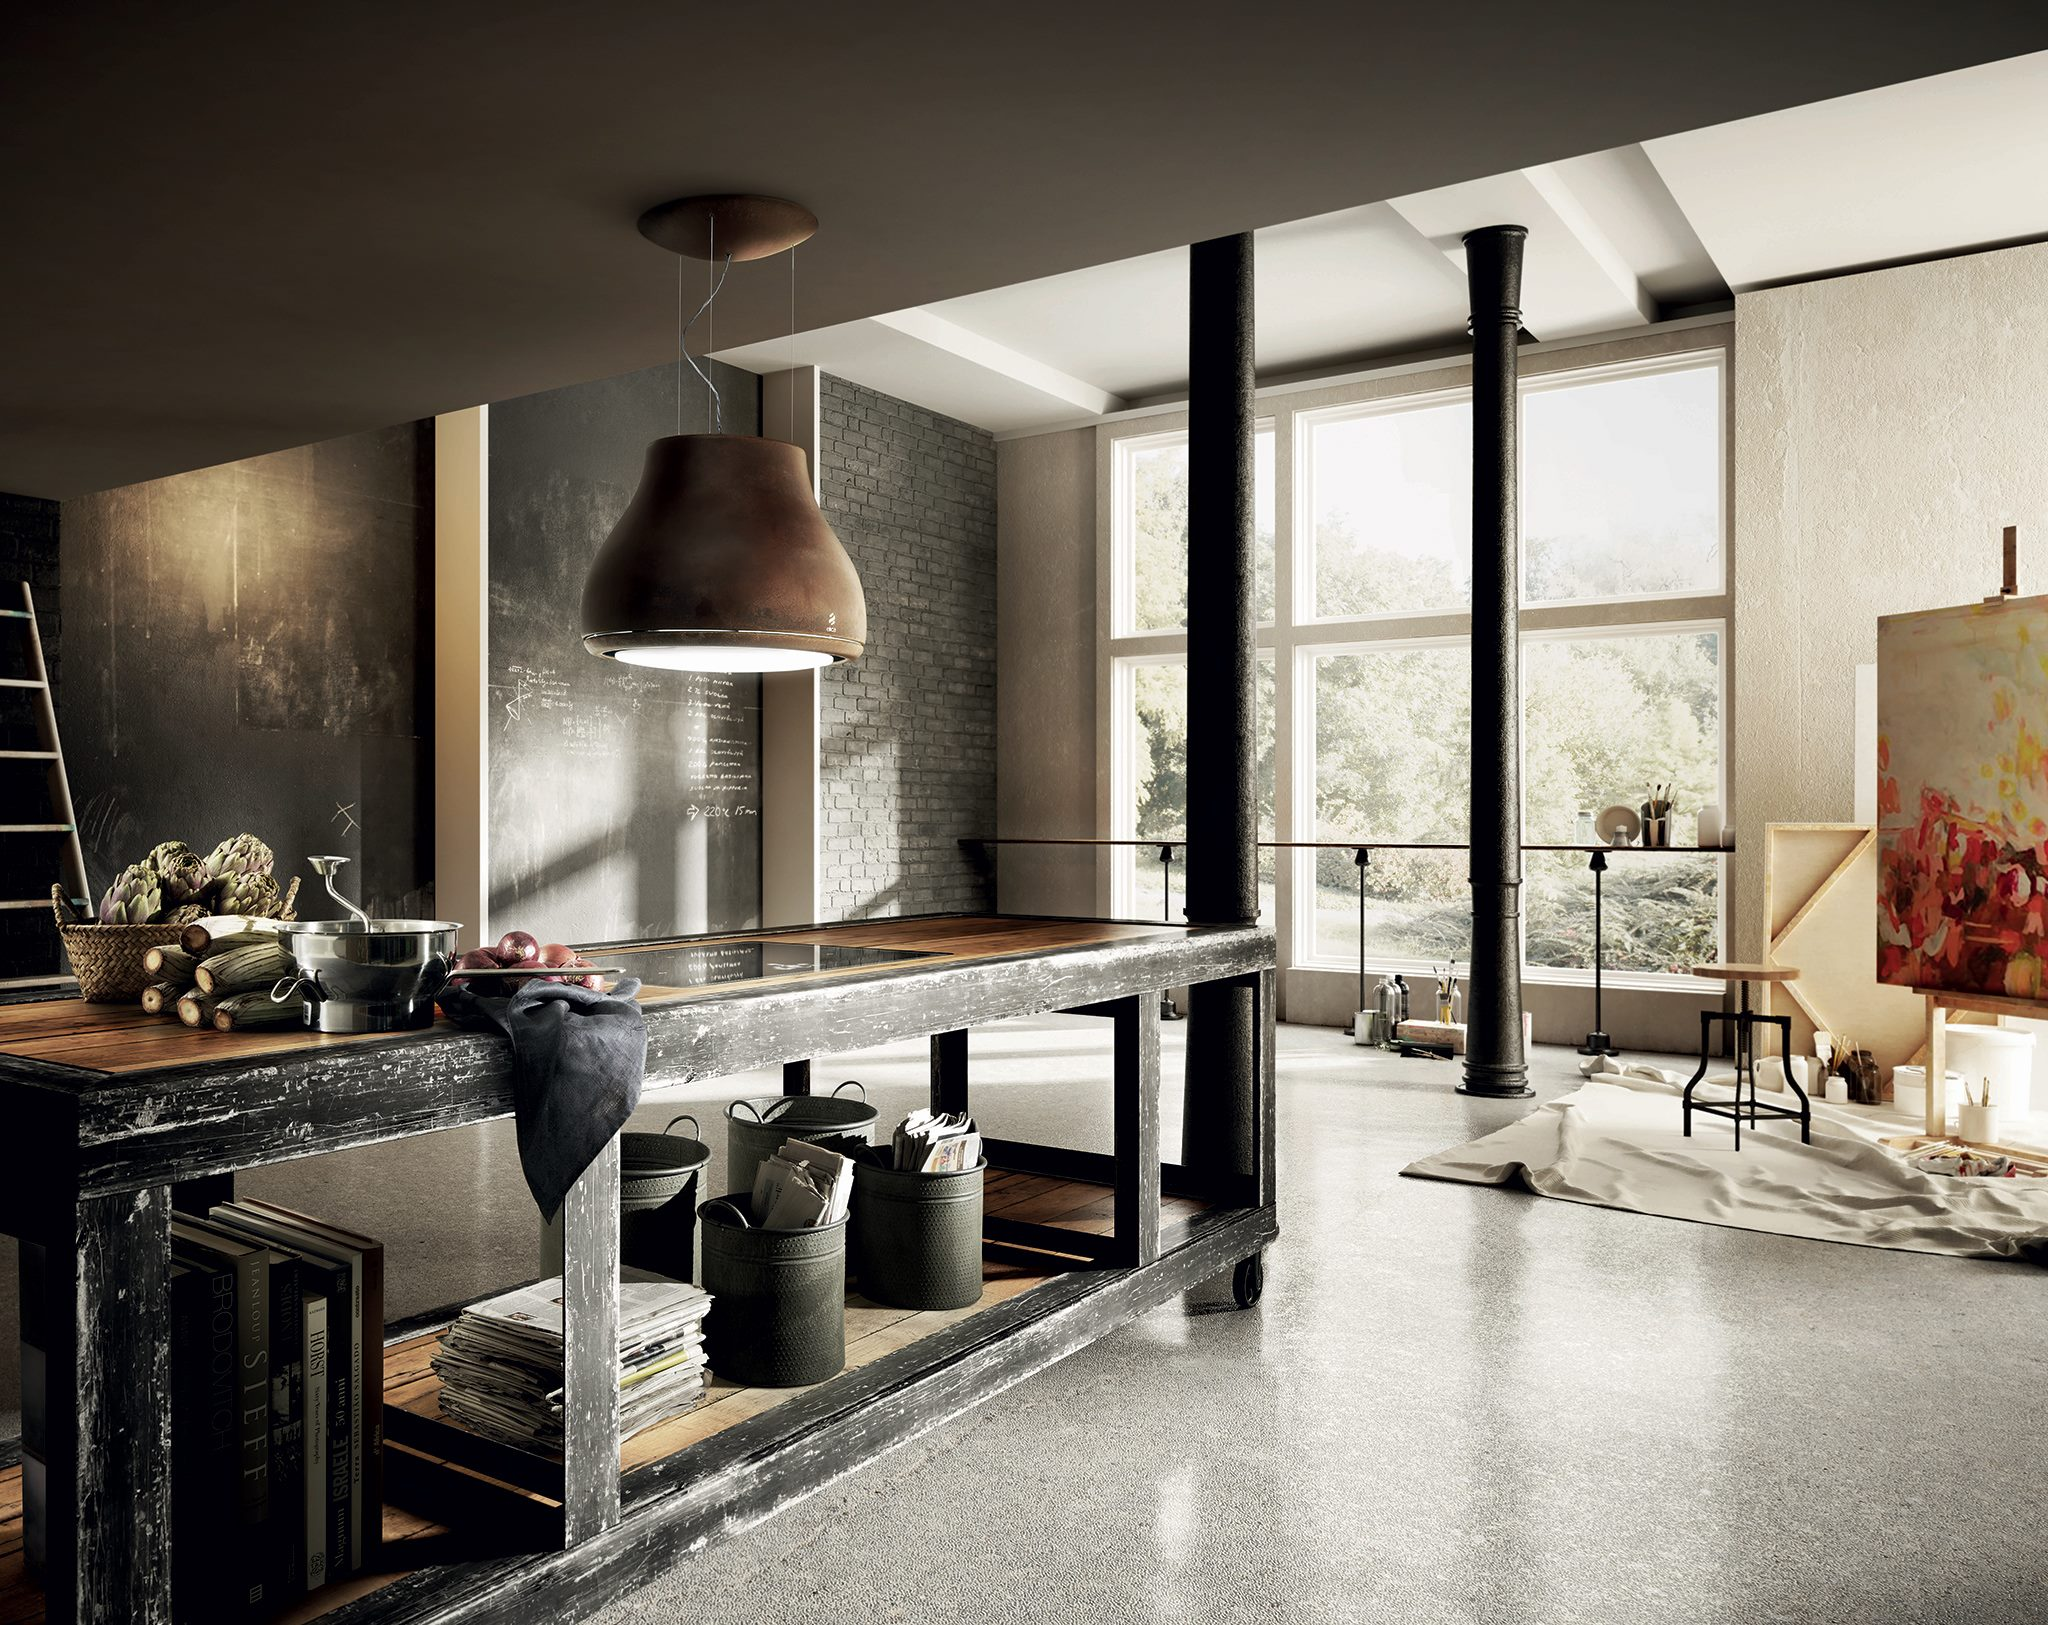 elica-campanas-ambientes-de-diseno-cocinas-con-diseno-unico-muebles-de-cocina-antalia-cocinas-proyecto-de-cocina-cocinas-de-diseno-exclusivo-1